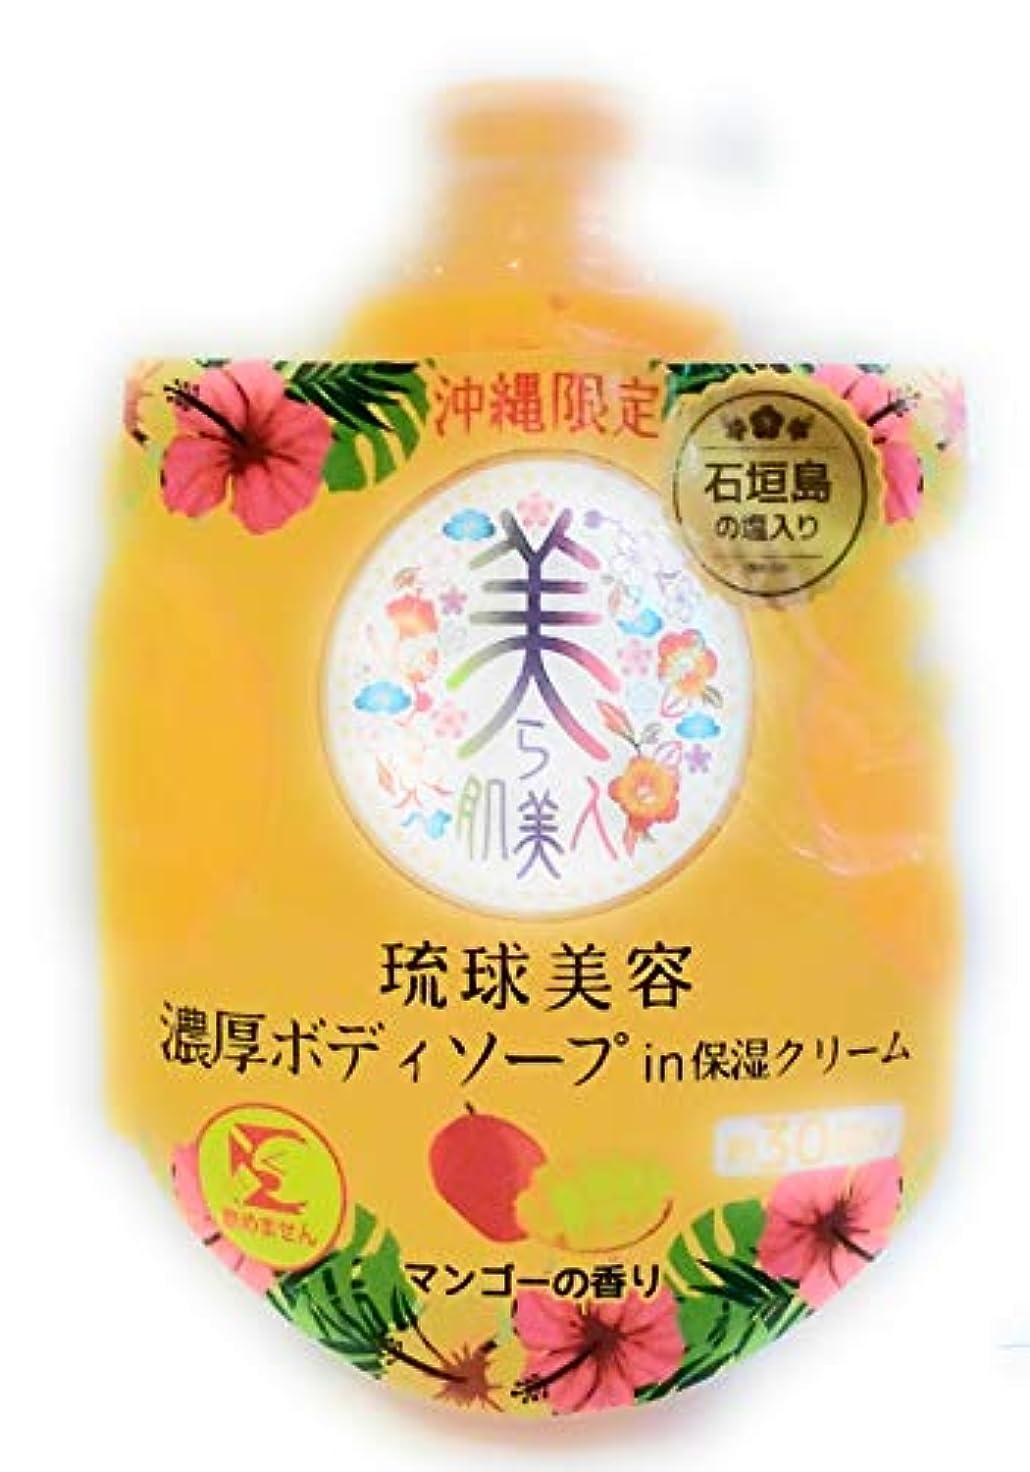 きらめき請願者ビーム沖縄限定 美ら肌美人 琉球美容濃厚ボディソープin保湿クリーム マンゴーの香り